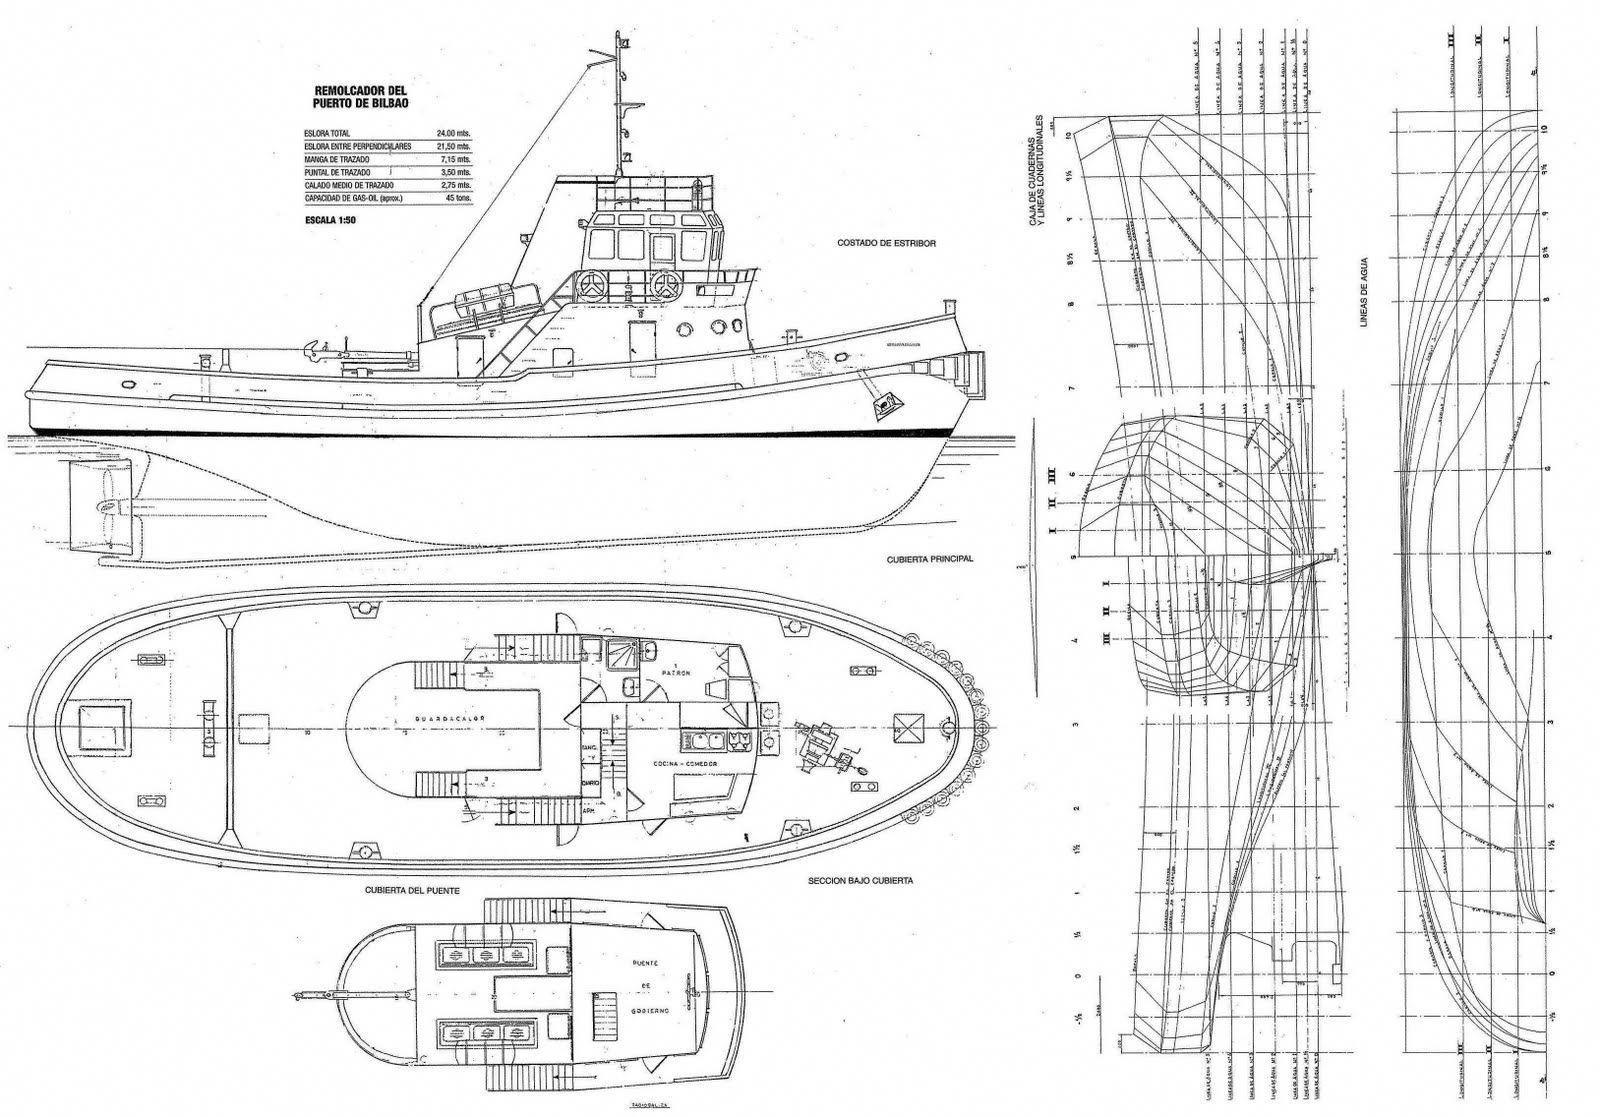 Maquette Bateau Plan Modelisme Model Boats Construction Nautique Boatbuilding Artisanat Crafts Boat Pl Boat Plans Boat Building Plans Model Boat Plans